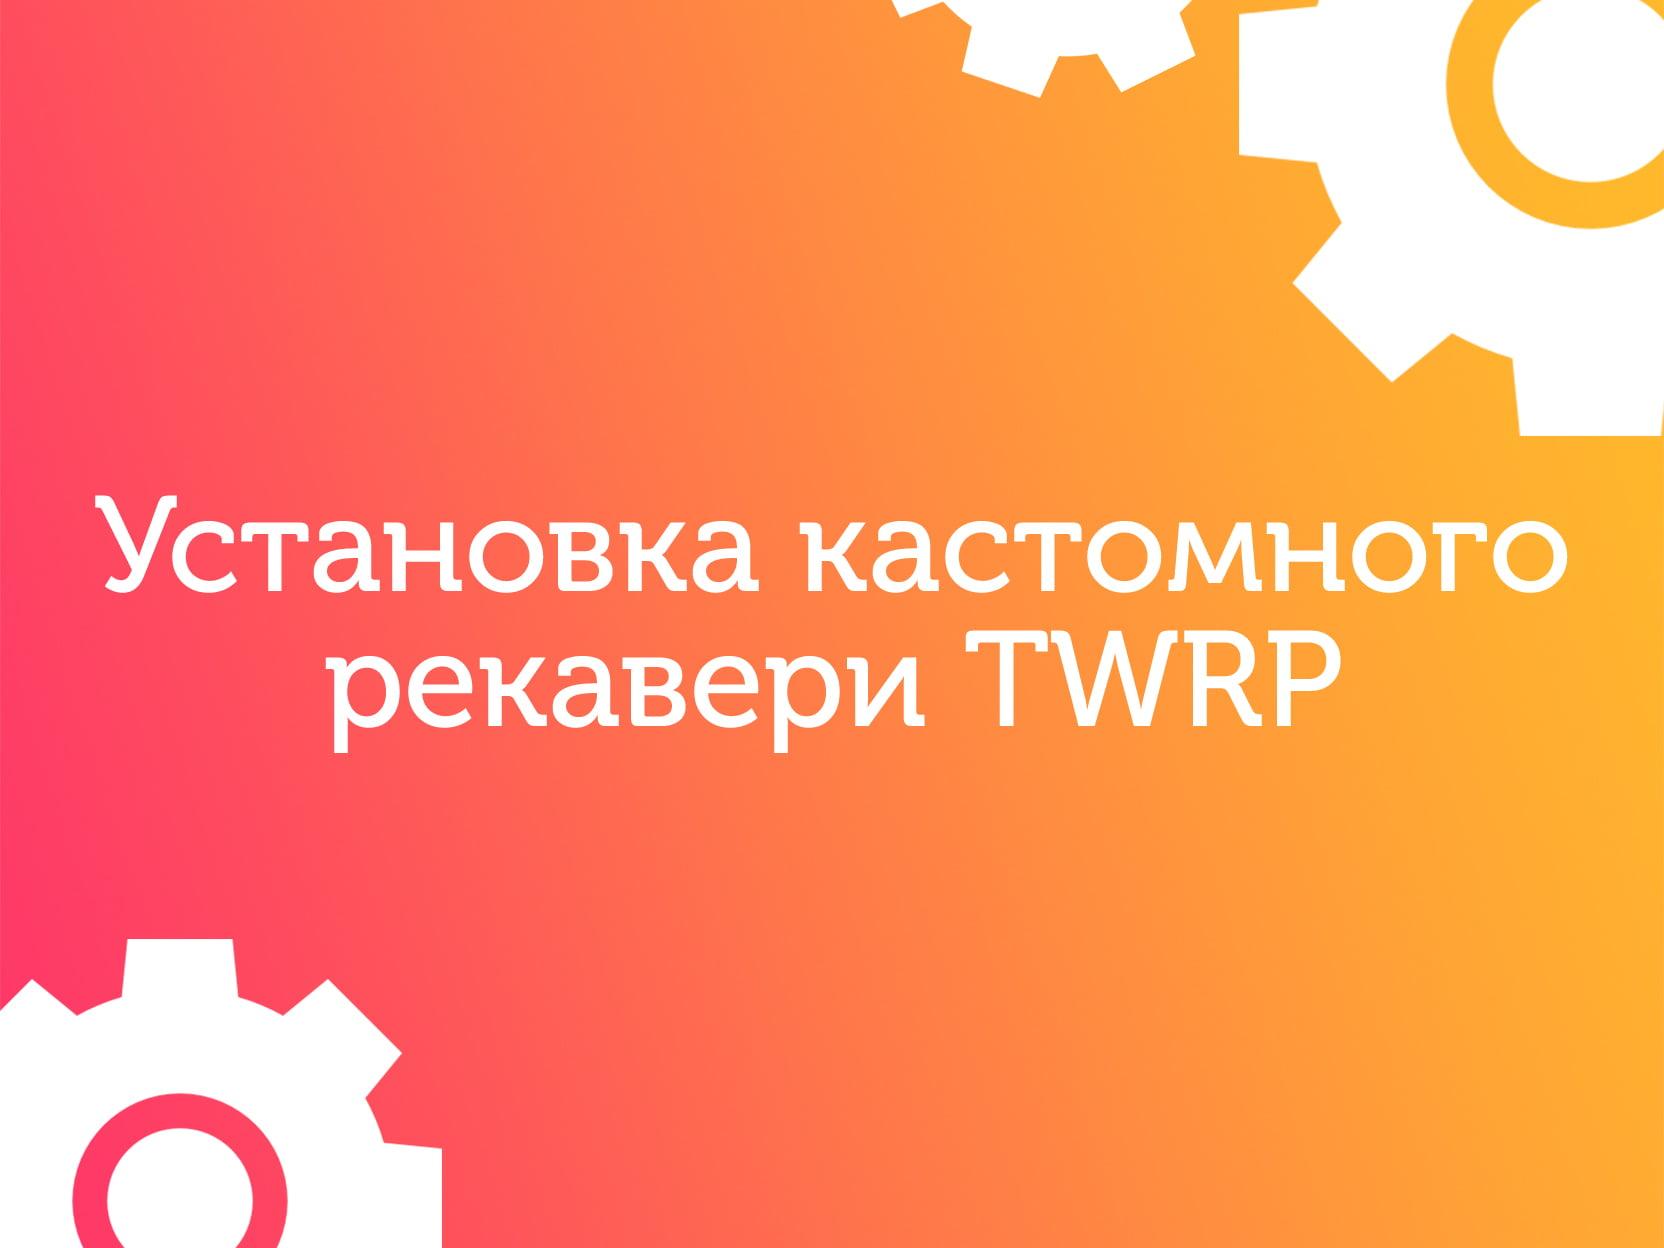 Как установить TWRP на мобильное устройство